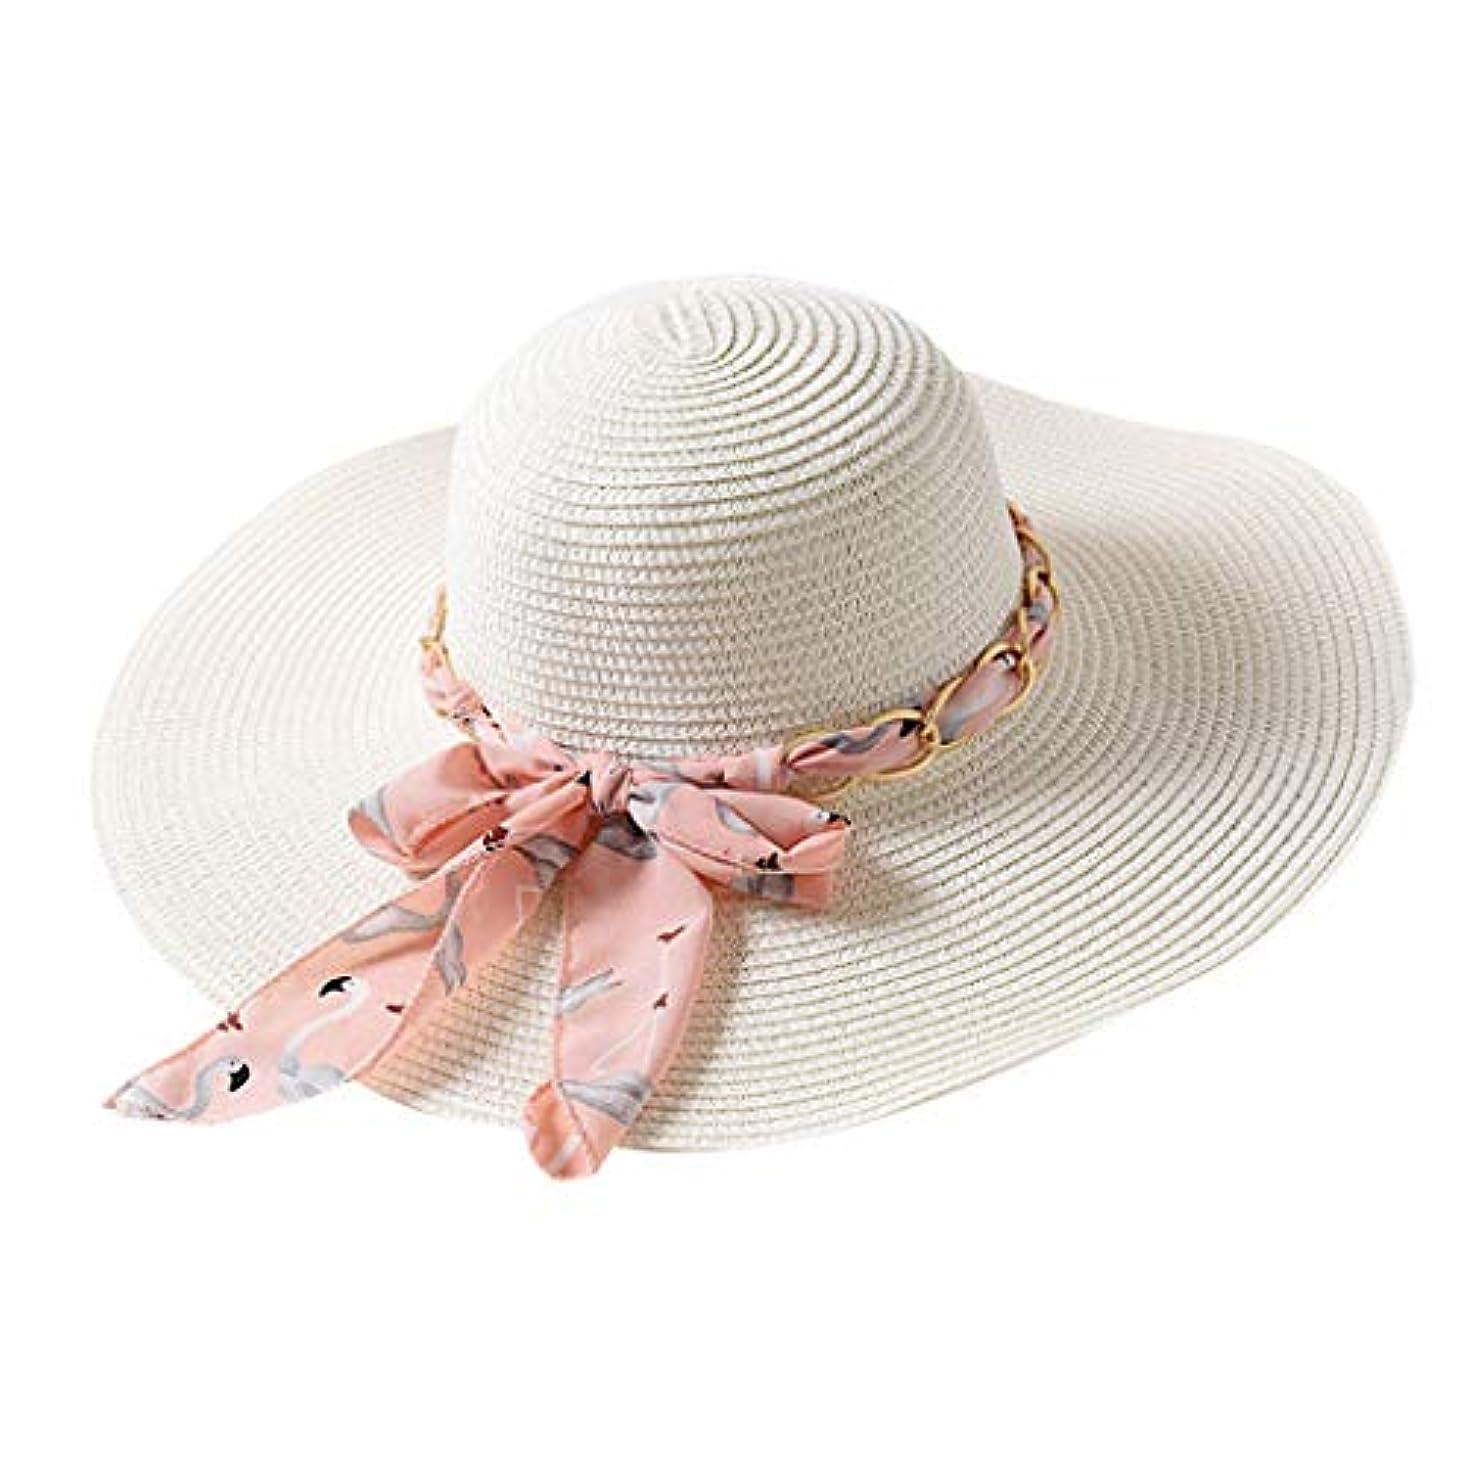 対角線機密野望ファッション小物 夏 帽子 レディース UVカット 帽子 ハット レディース 紫外線対策 日焼け防止 取り外すあご紐 つば広 おしゃれ 可愛い 夏季 折りたたみ サイズ調節可 旅行 女優帽 小顔効果抜群 ROSE ROMAN